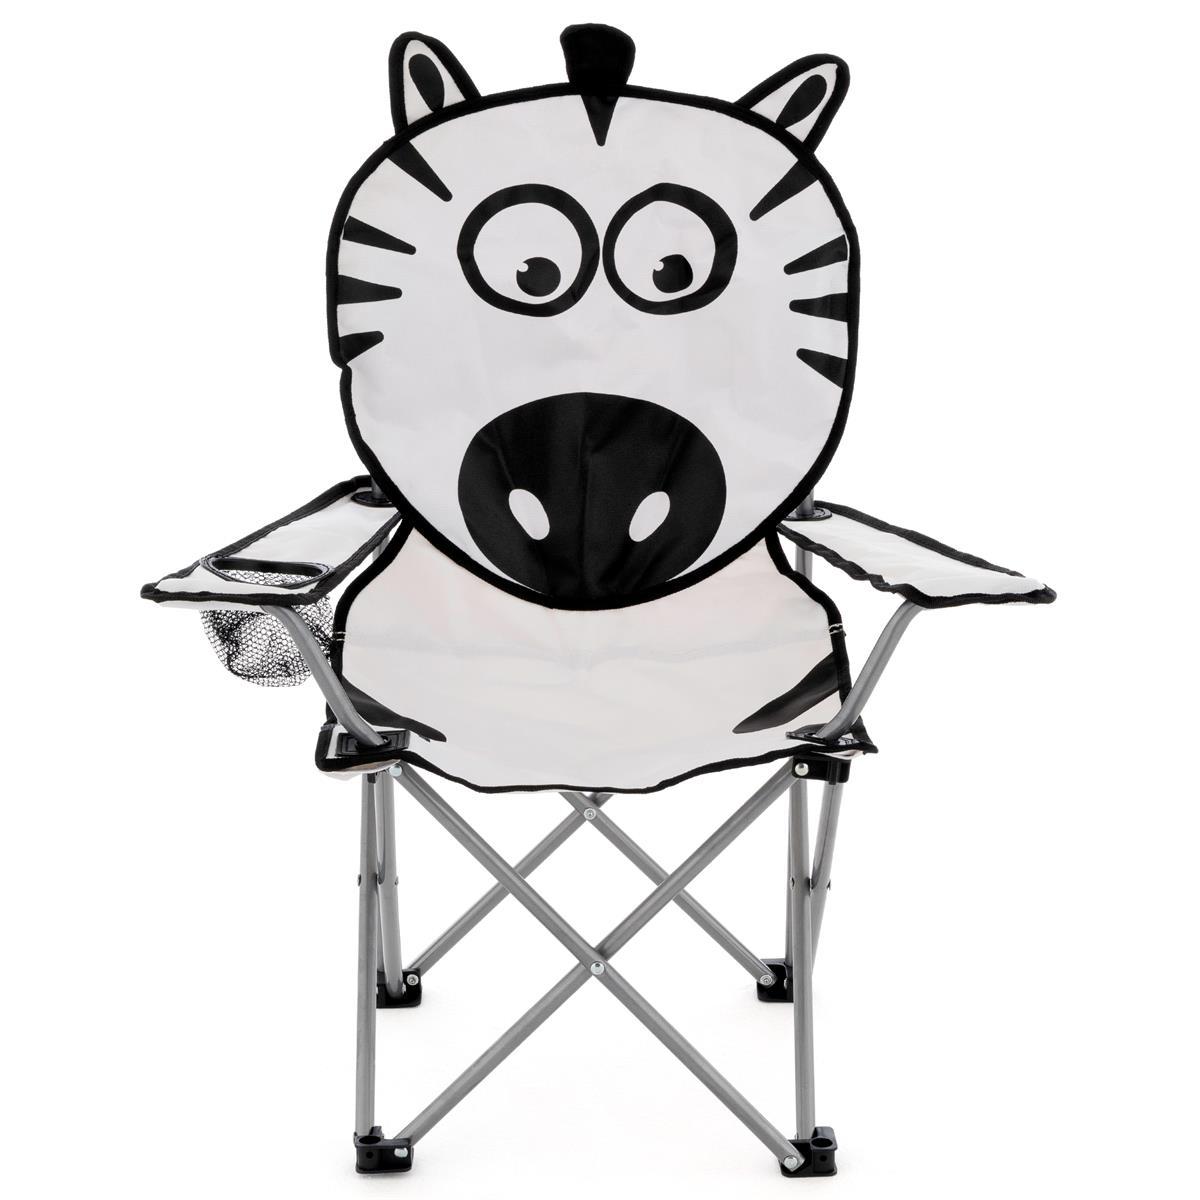 Kinder Campingstuhl Kinderstuhl faltbar lustiges Motiv Zebra